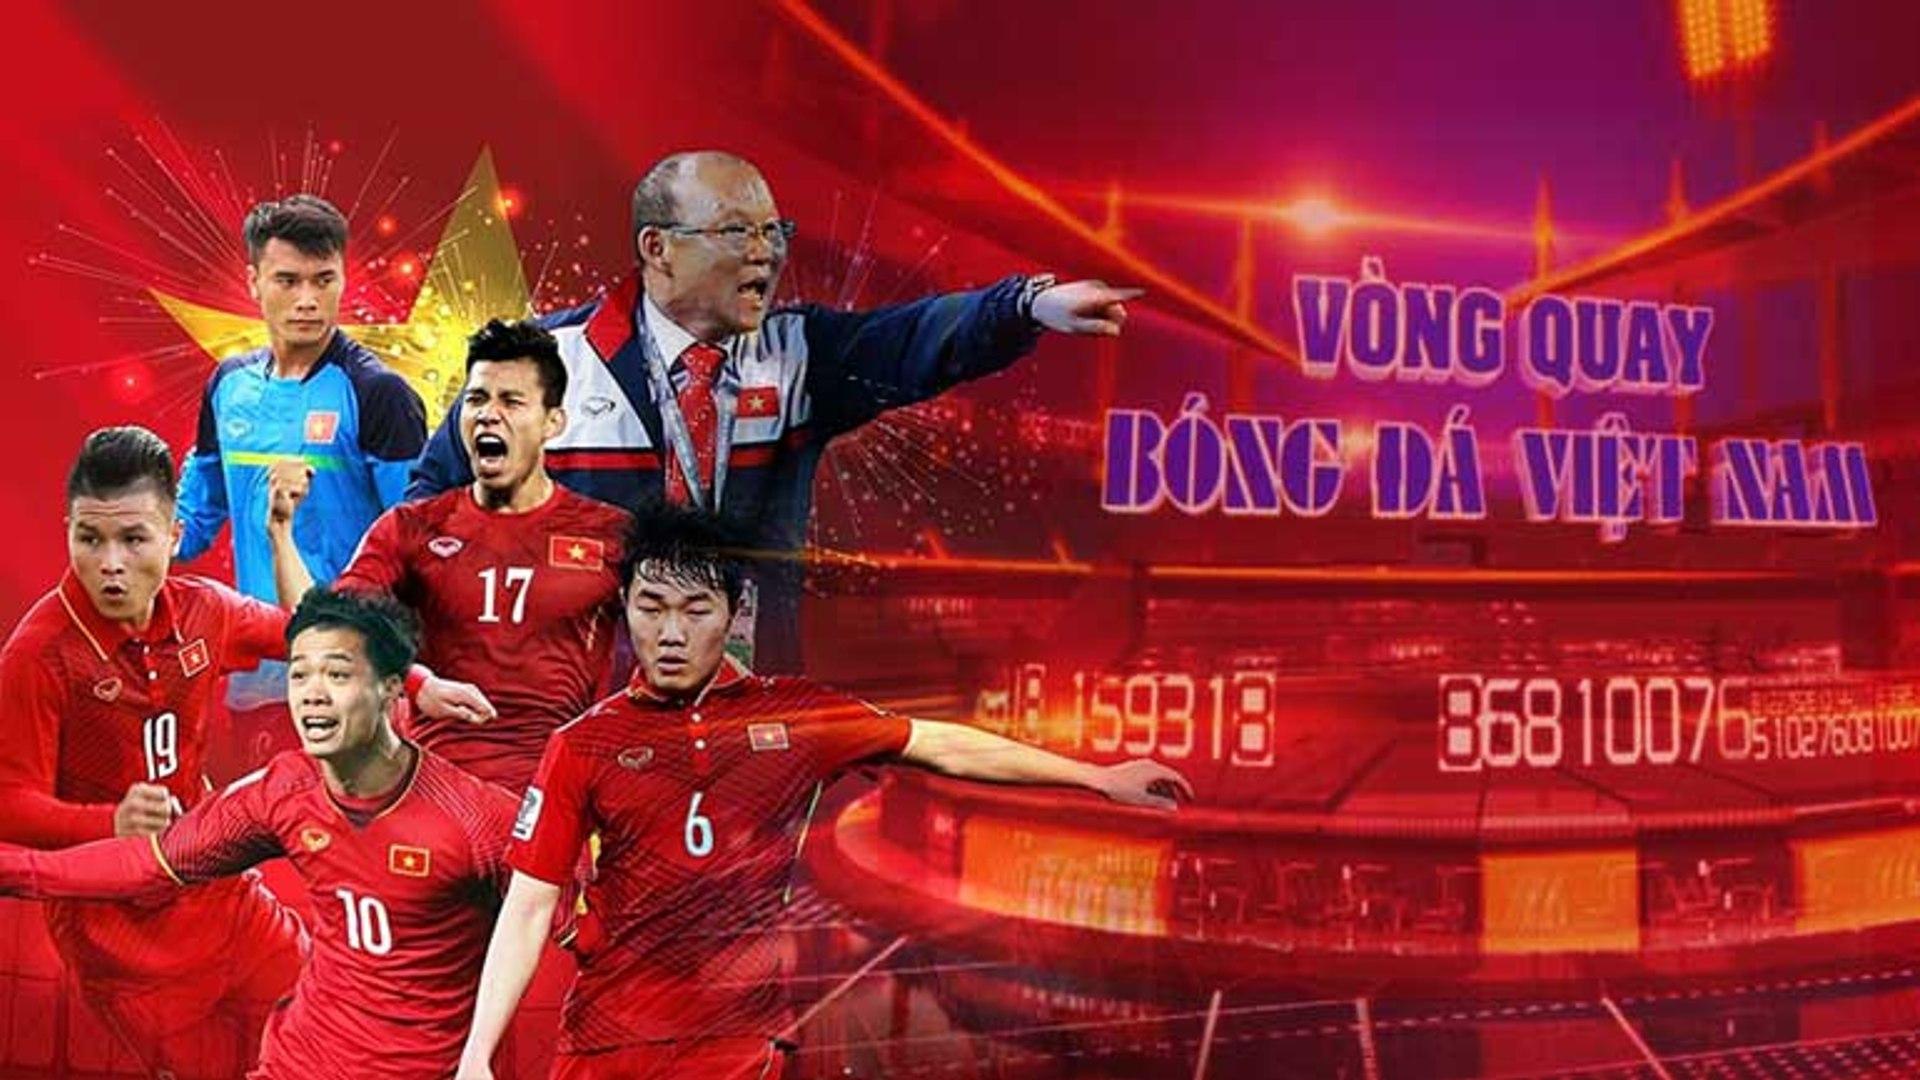 Vòng quay bóng đá Việt Nam-23/04/2019